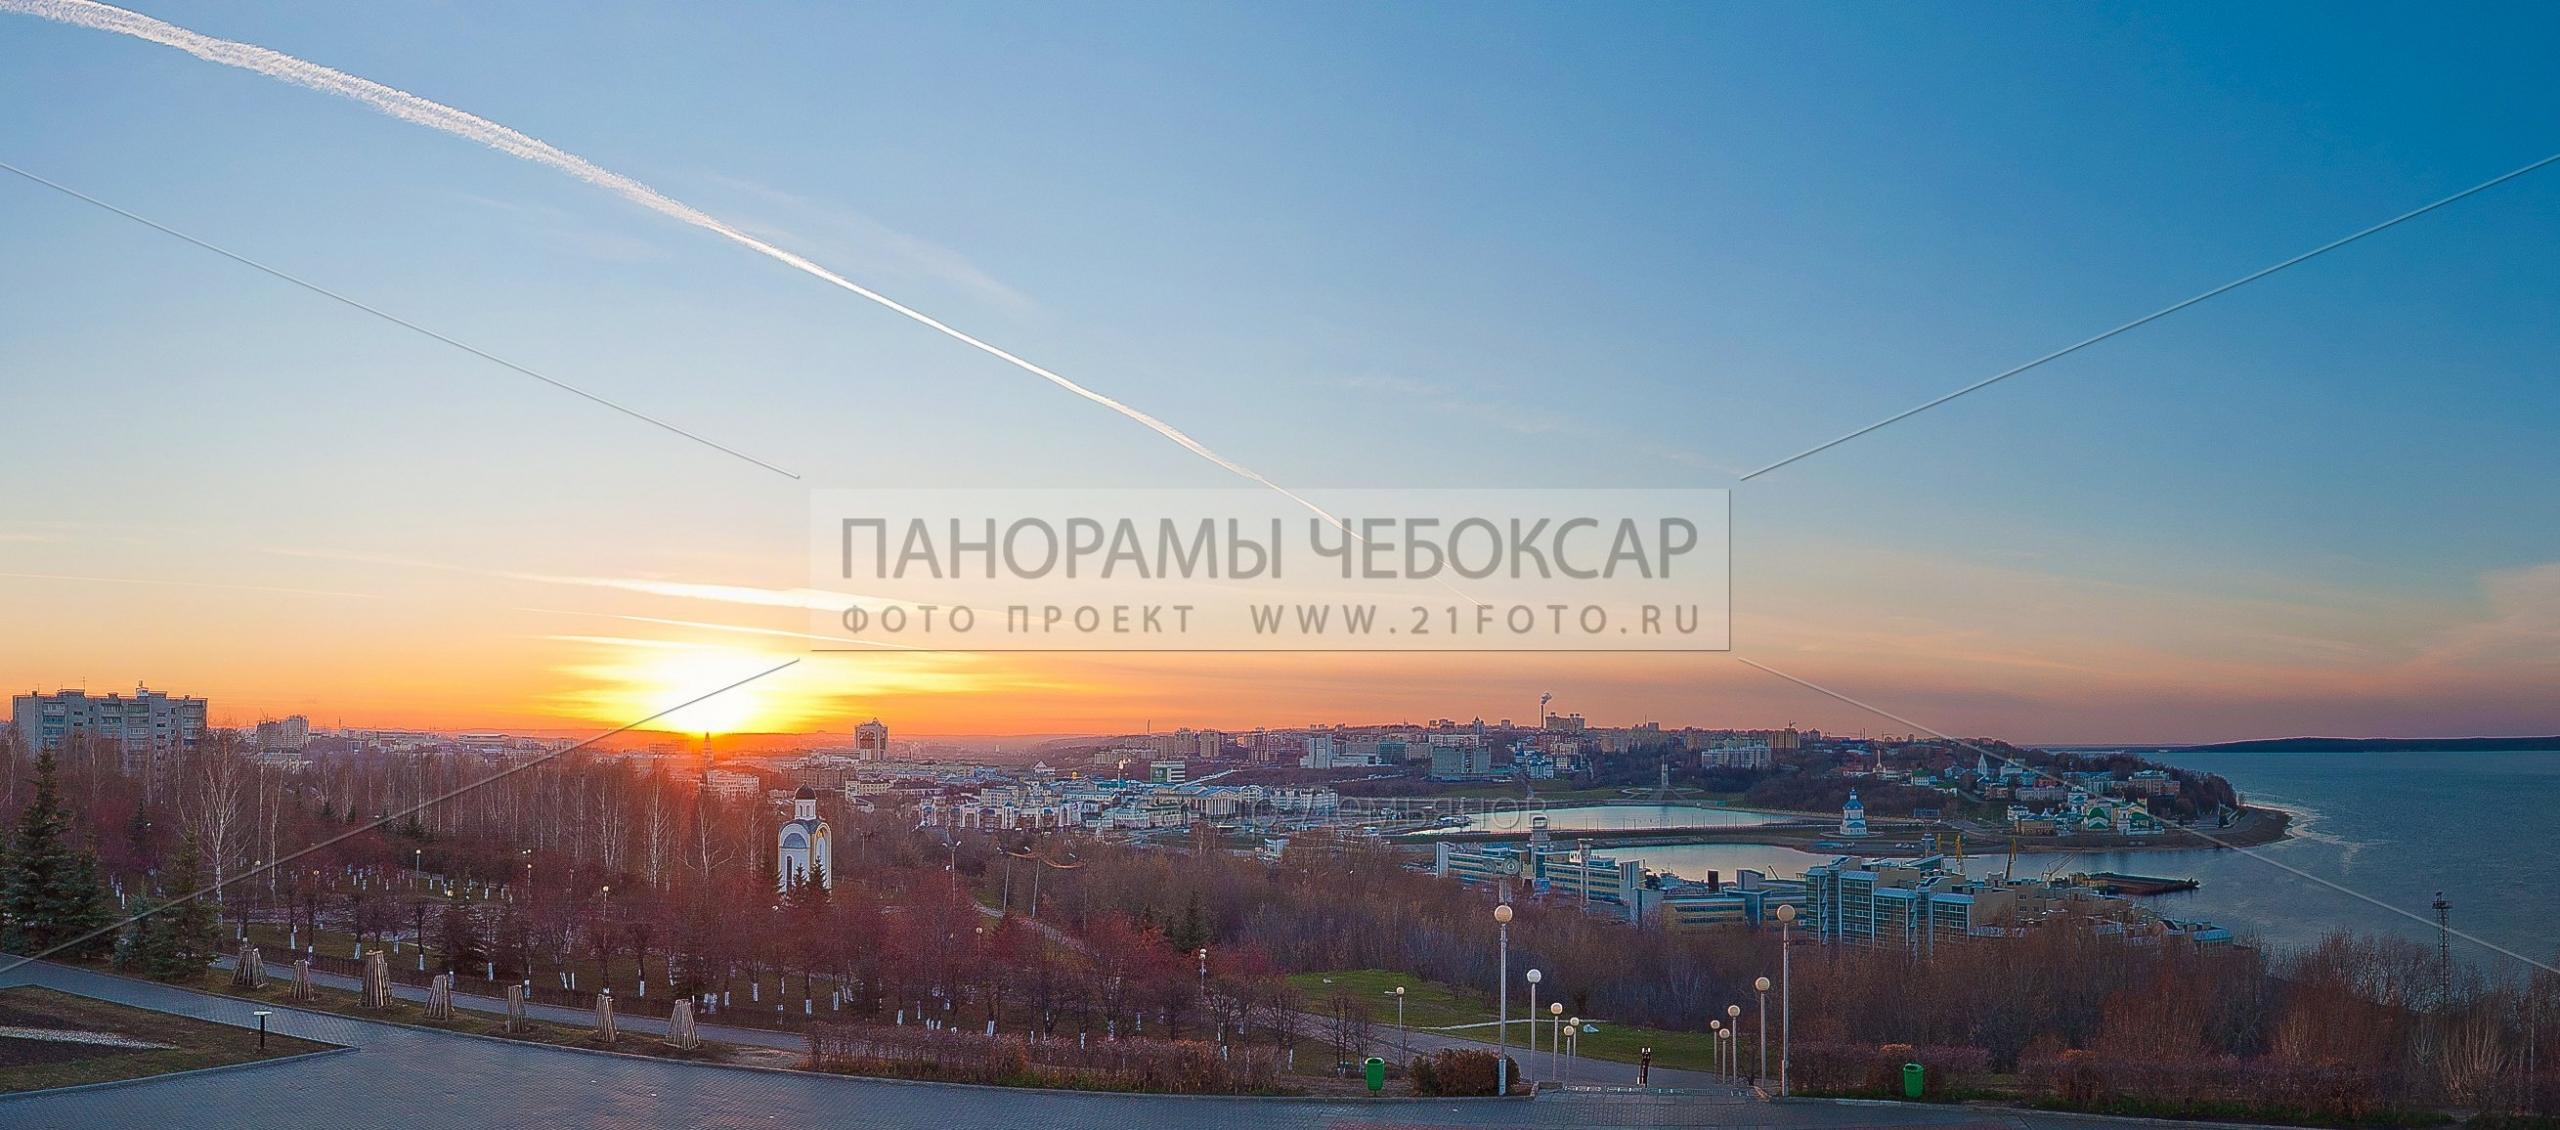 Фото панорама Чебоксарского залива на закате, вид с памятника победы